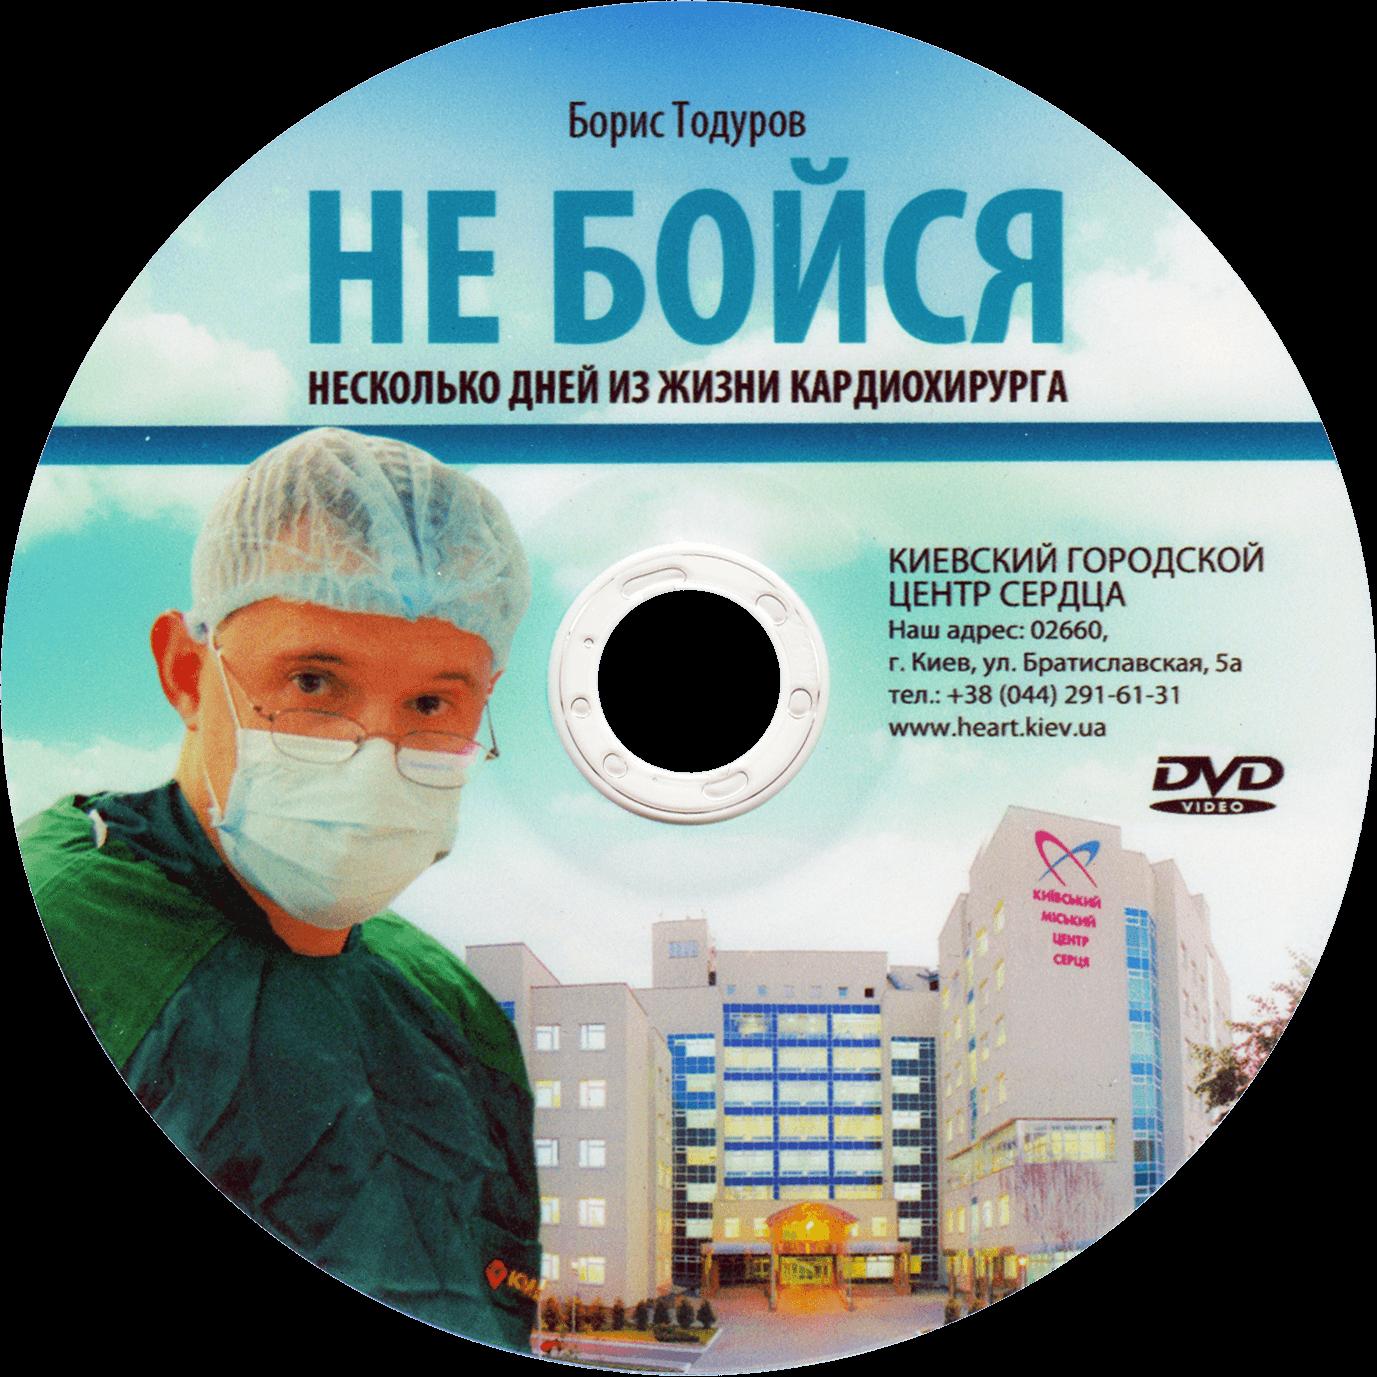 Киевский городской центр здоровья